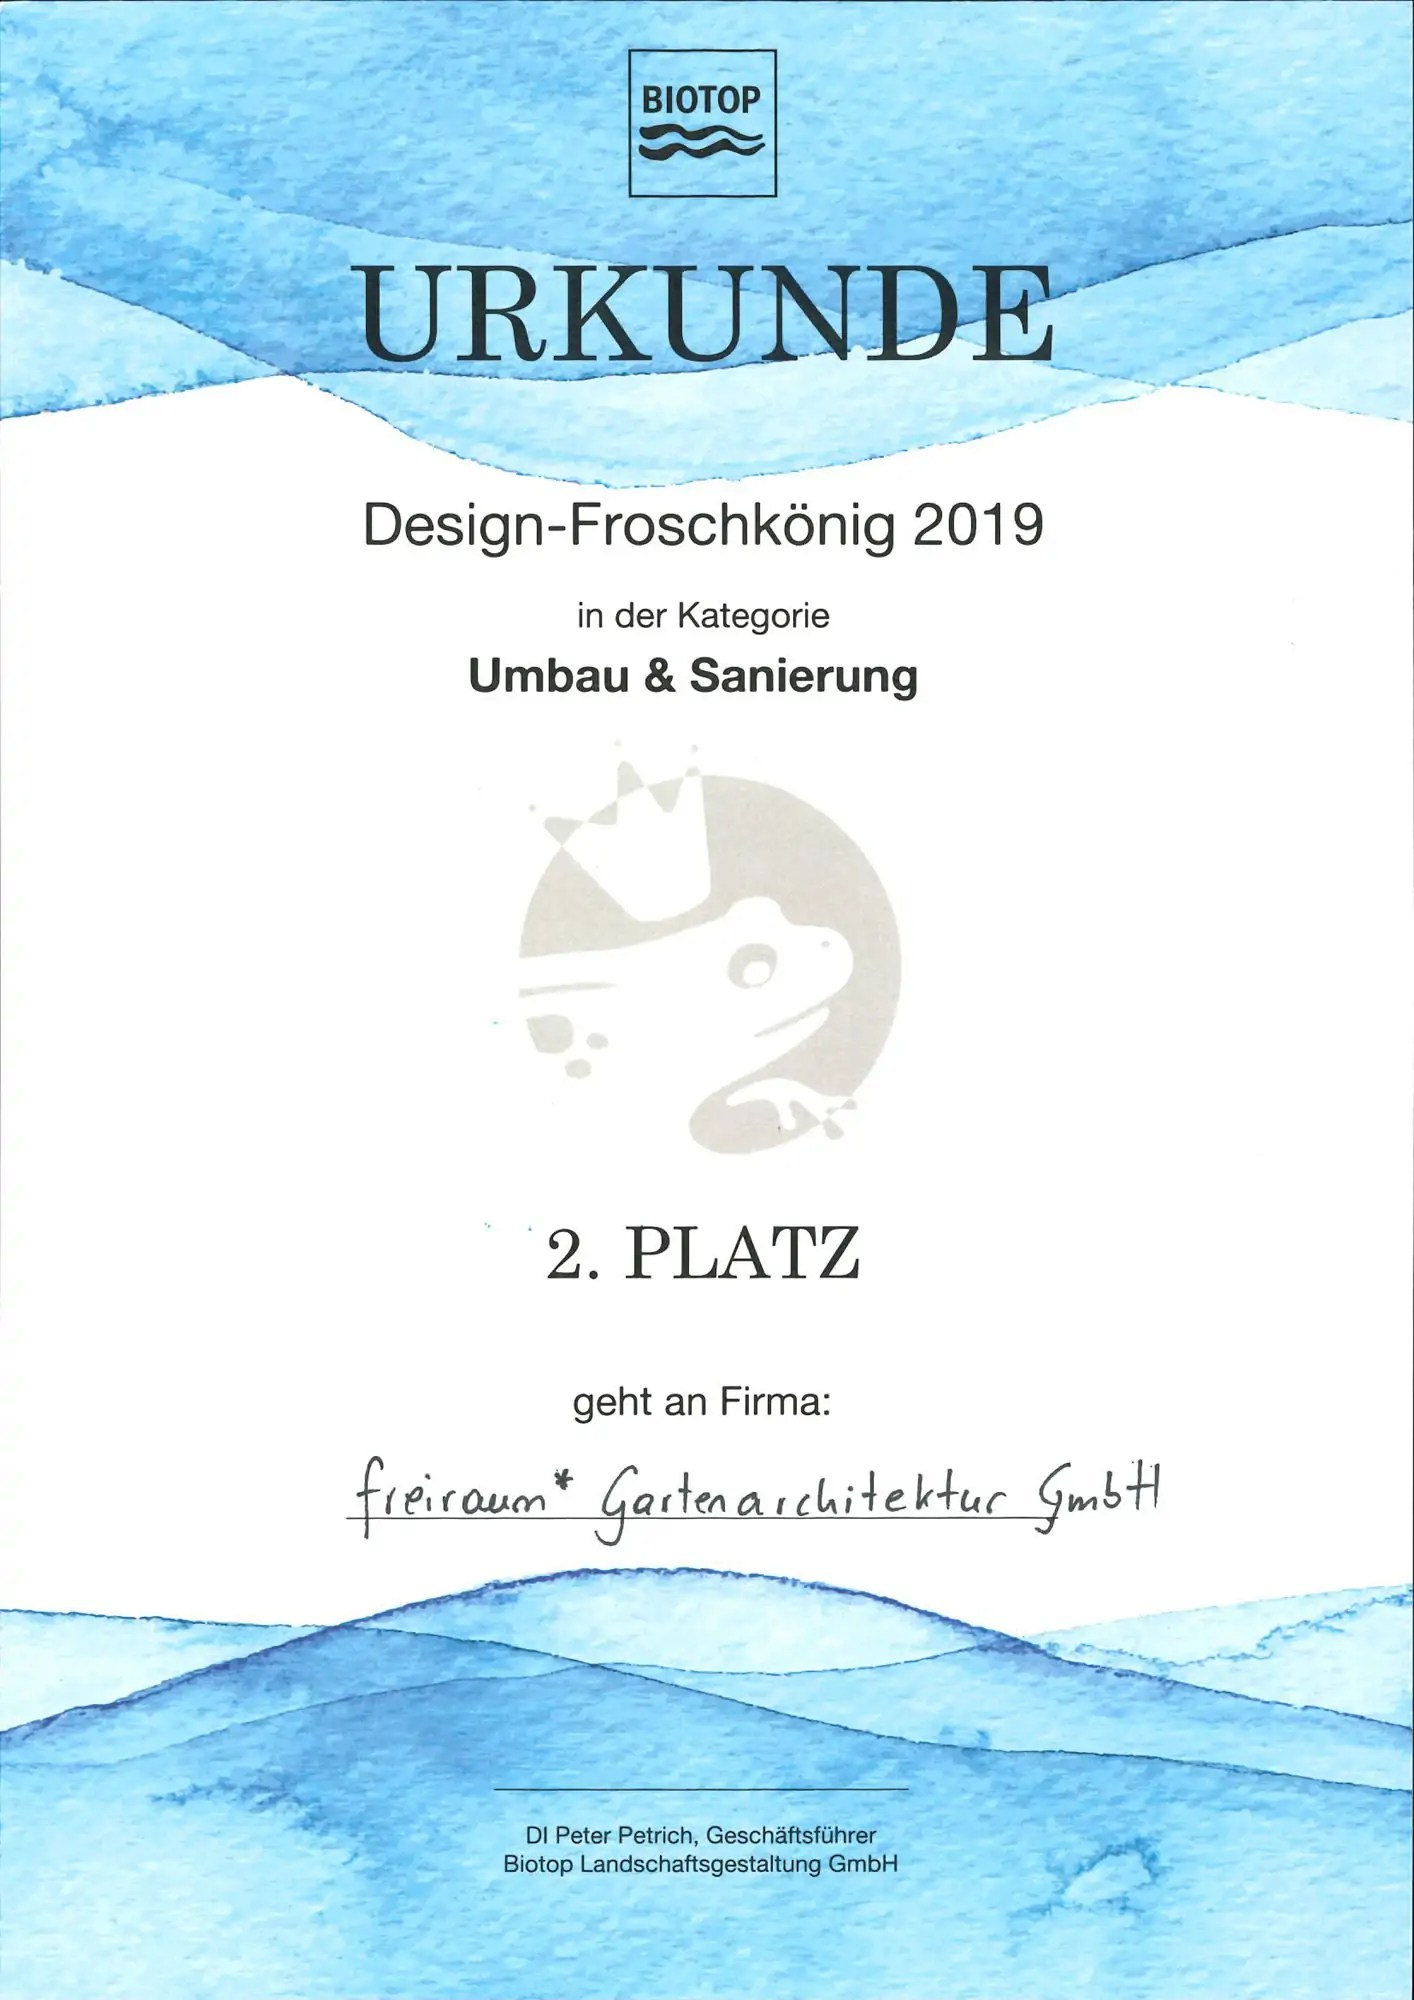 FREIRAUM Urkunde 2 Platz Design Froschkoenig 2019